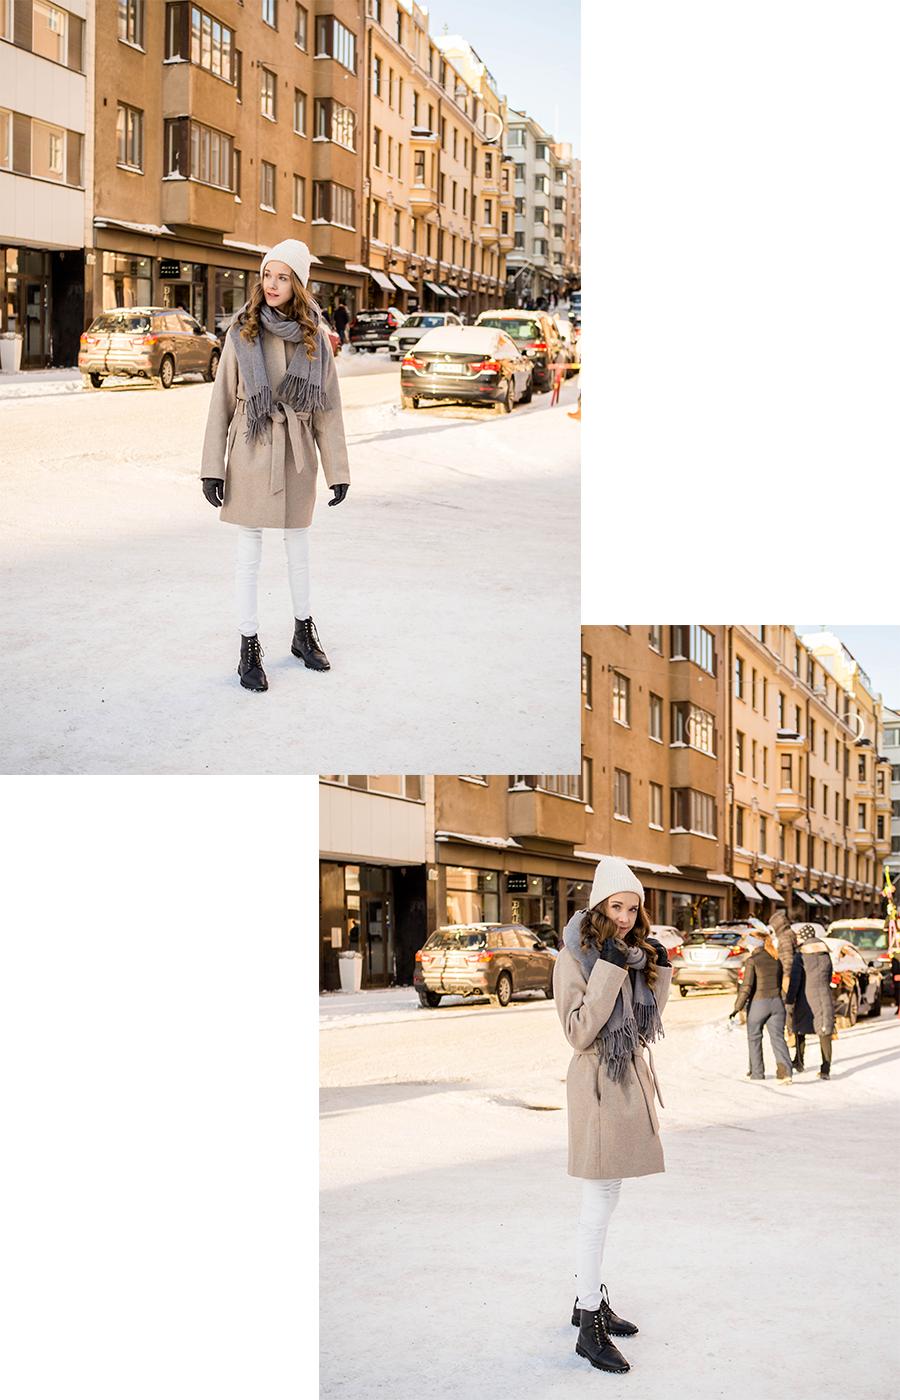 Vinkkejä tyylikkääseen talvipukeutumiseen // Tips for stylish winter dressing